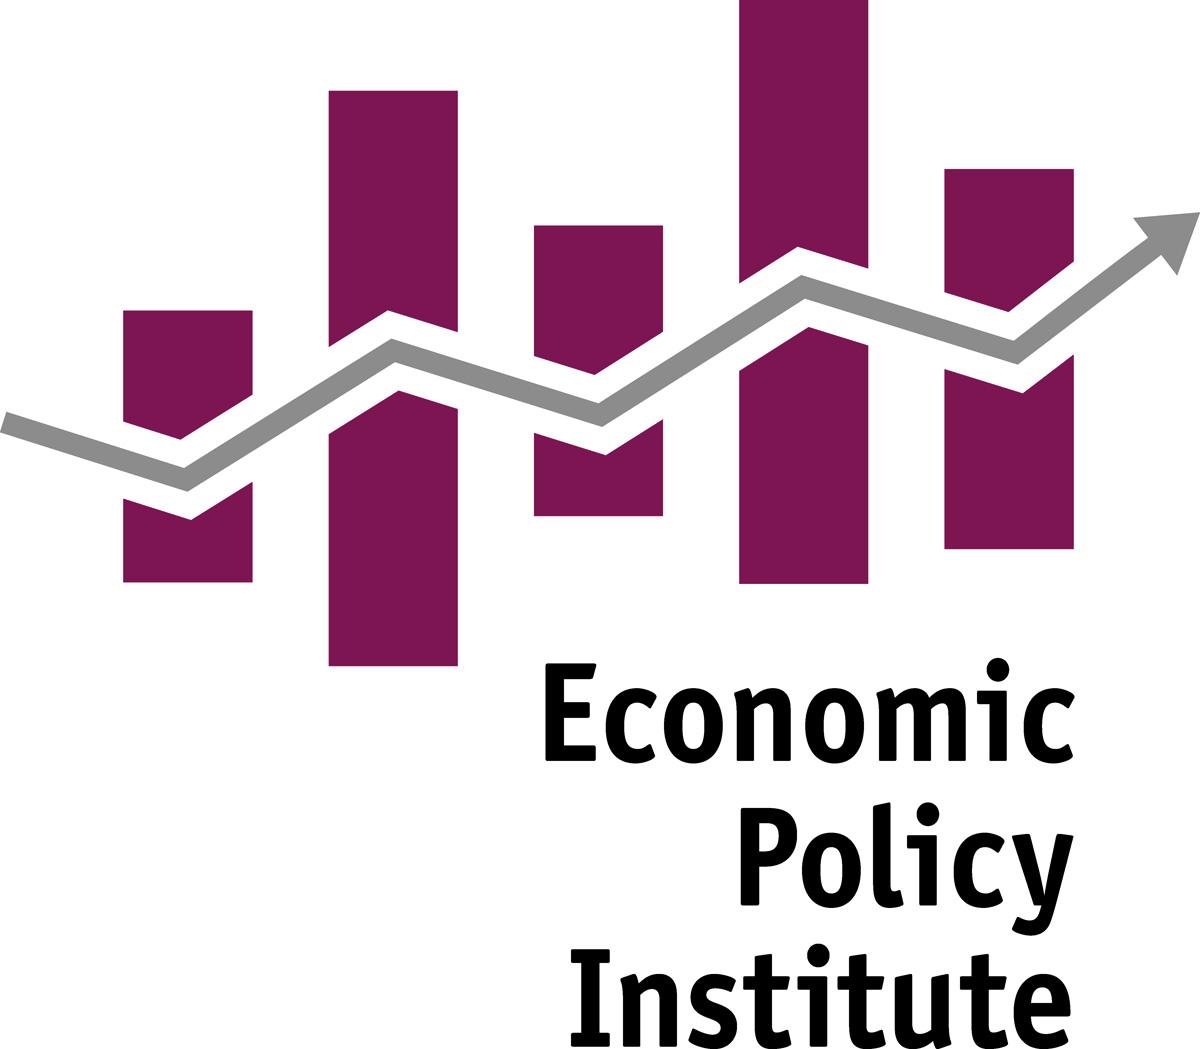 economic-policy-institute logo